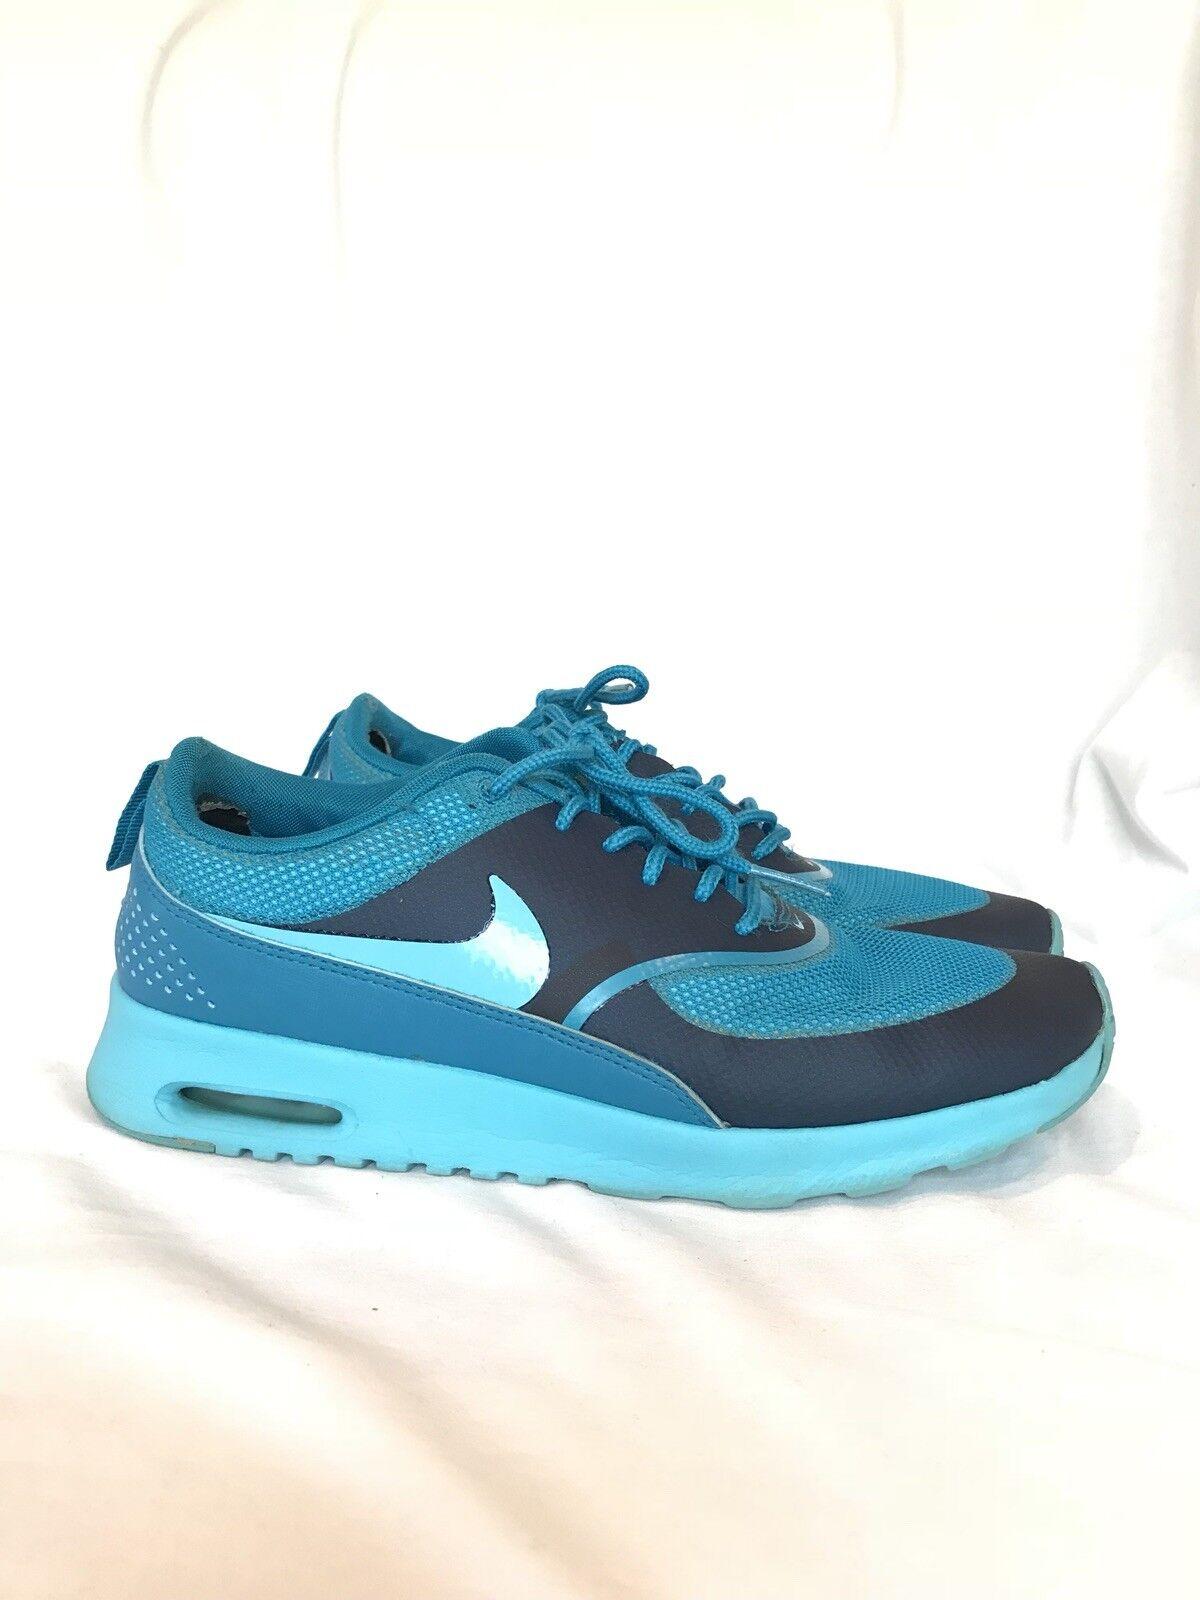 Blue Nike Air Max Thea Sneakers sz sz sz 8.5 9dbeaa